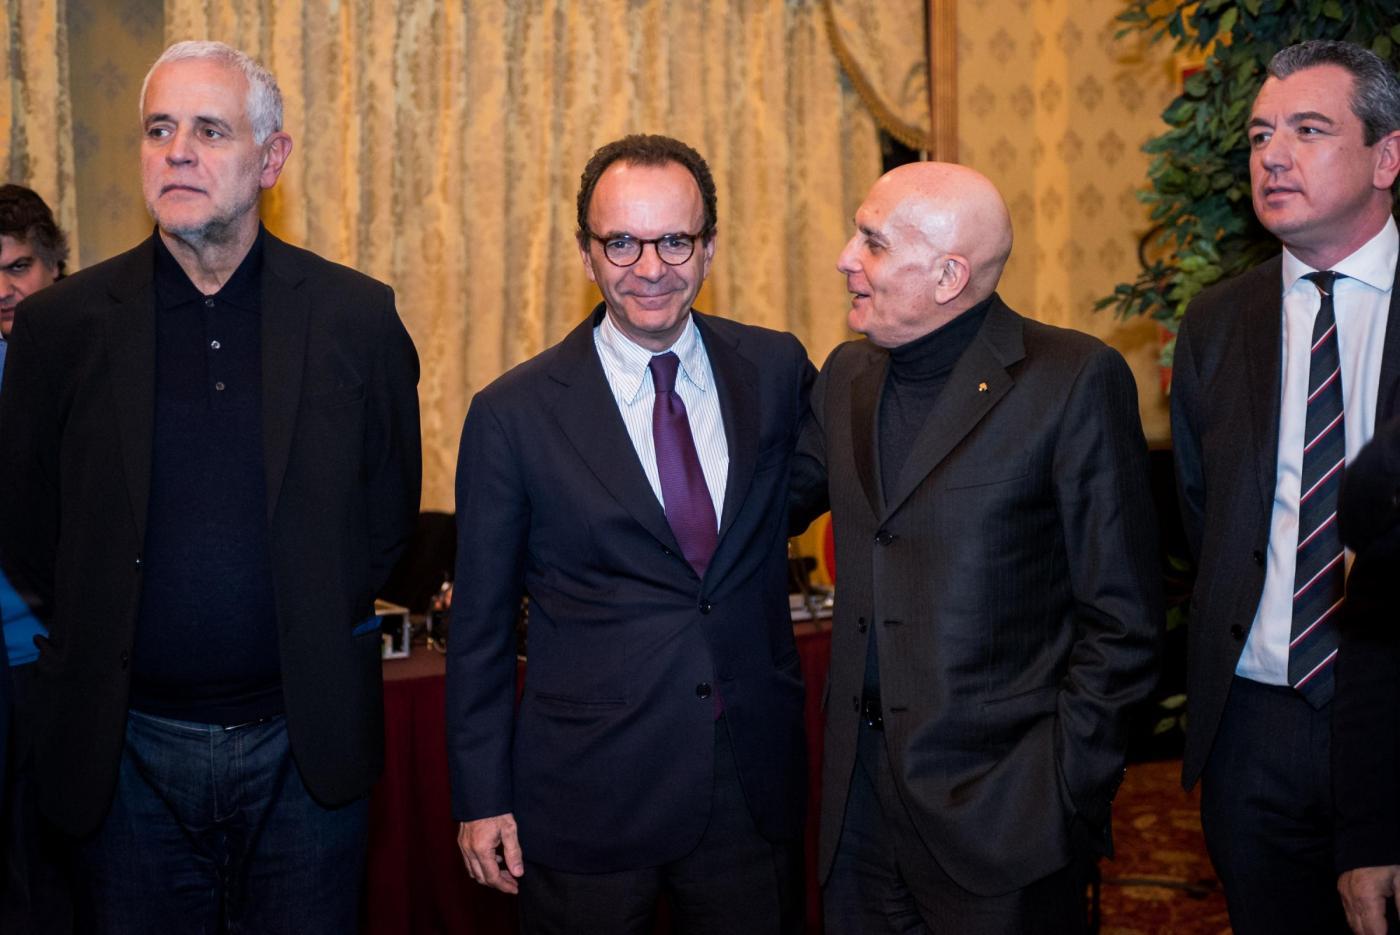 Milano, incontro Ncd con Angelino Alfano, Maurizio Lupi e Stefano Parisi